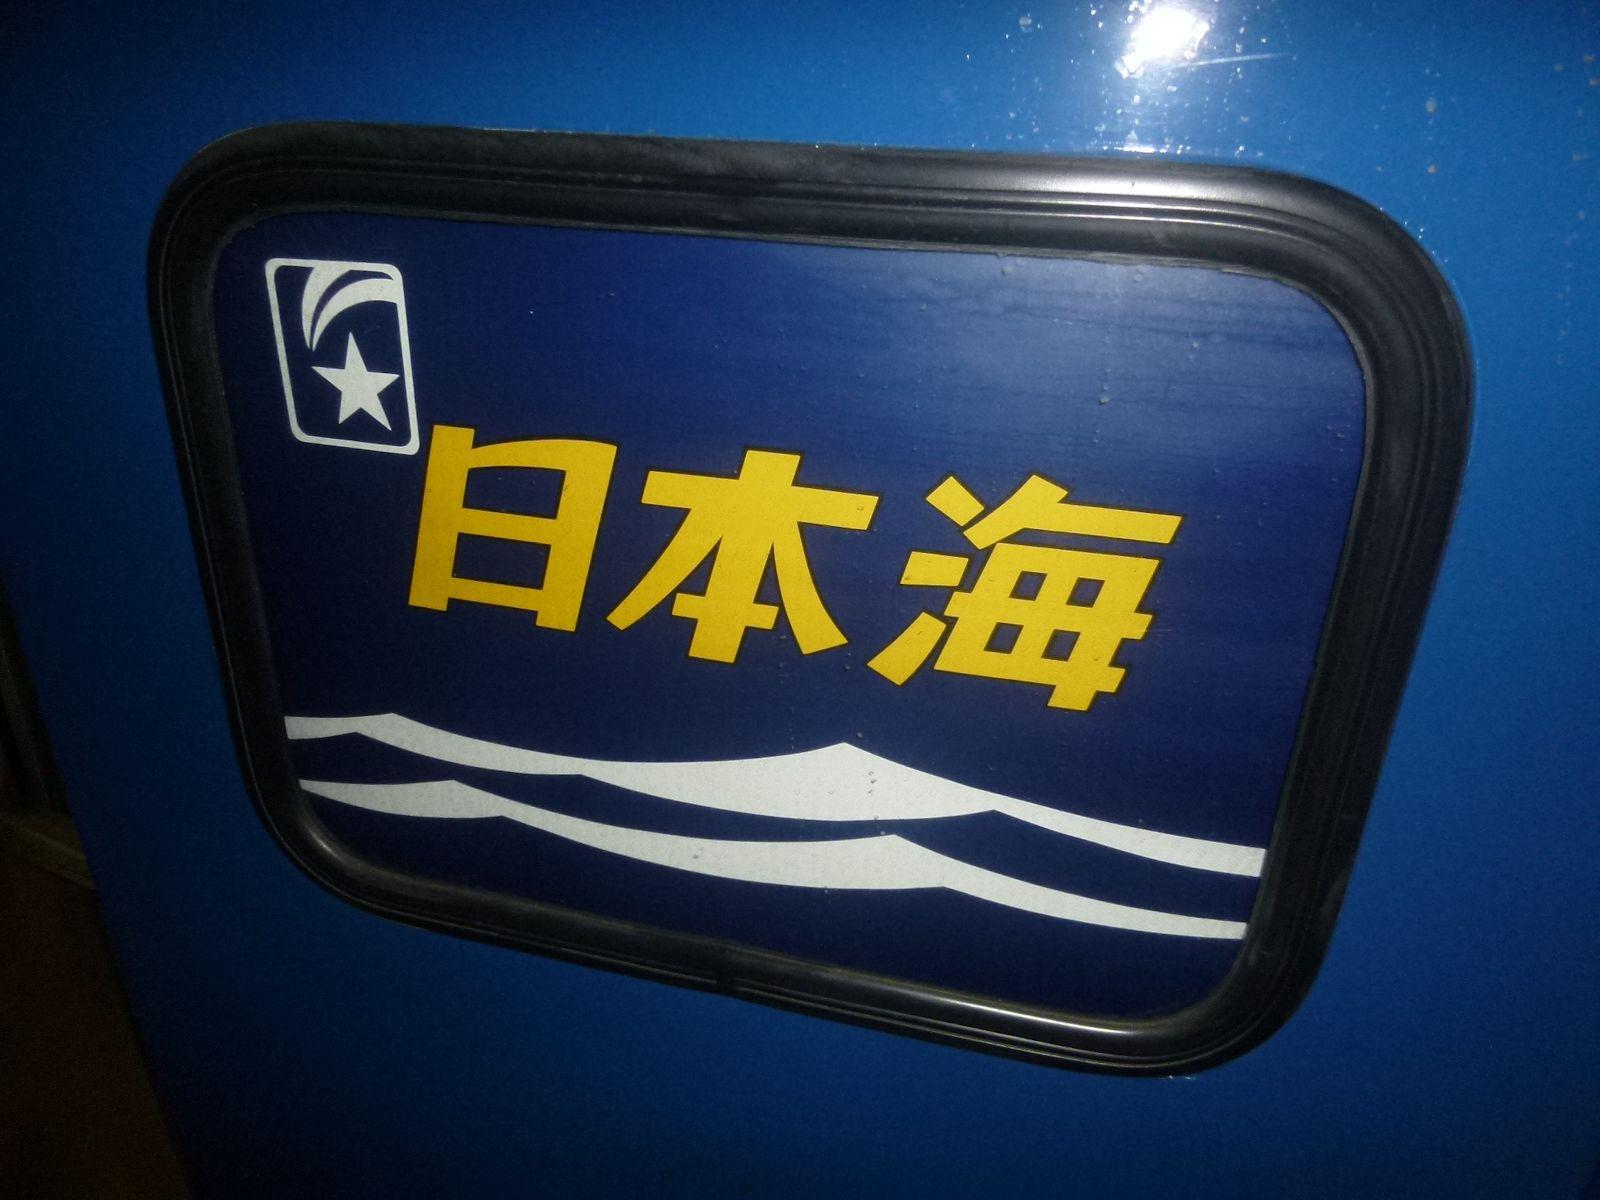 寝台特急日本海号のテールマーク(JPG-177k)